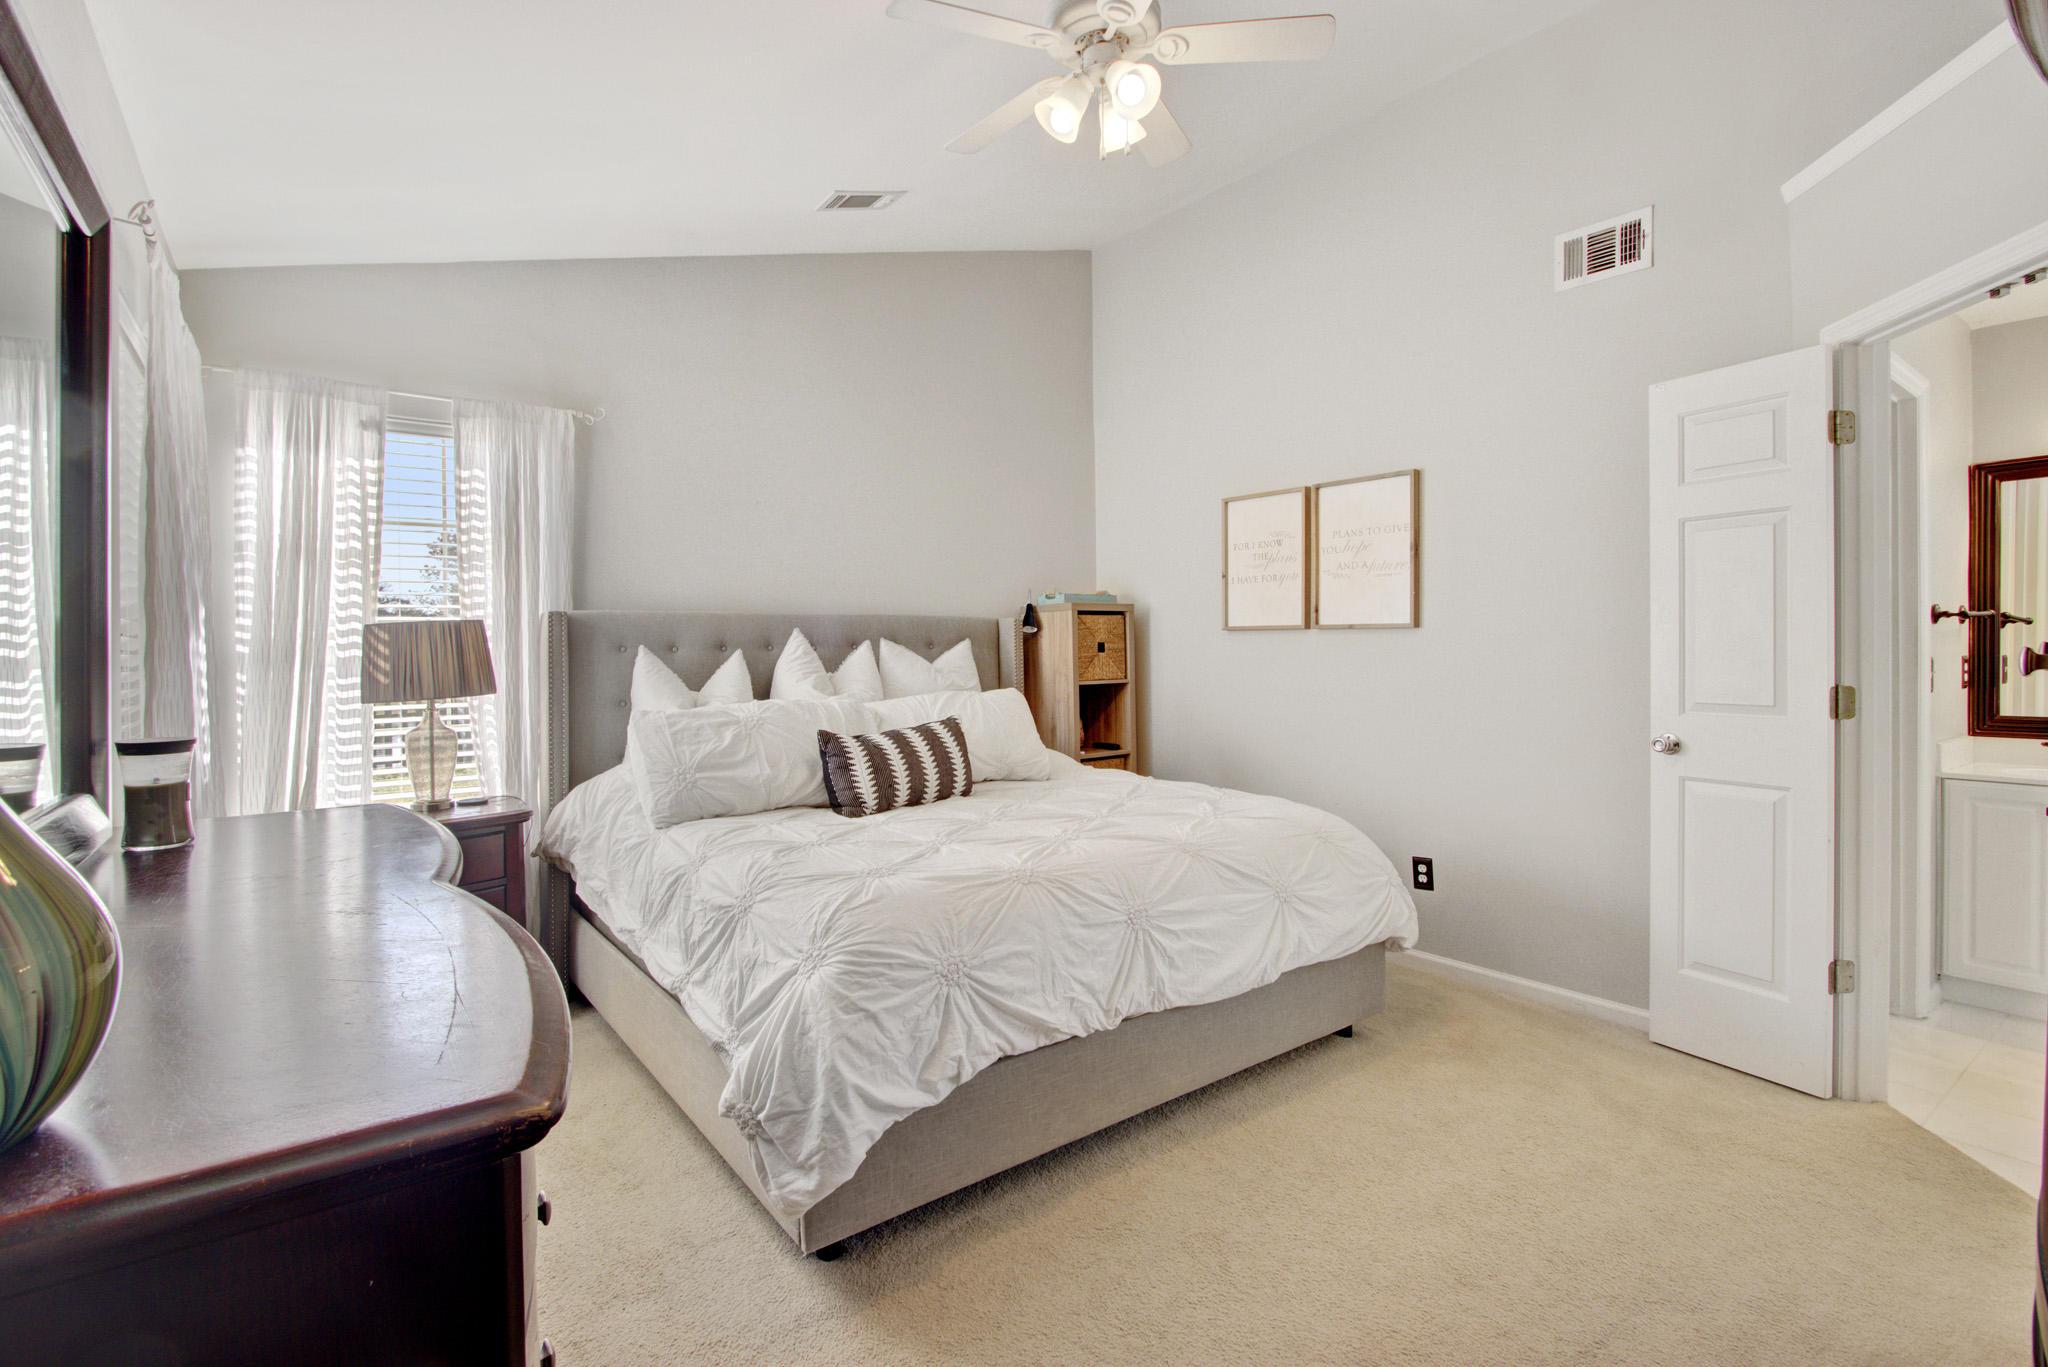 Dunes West Homes For Sale - 1425 Water Oak Cut, Mount Pleasant, SC - 12